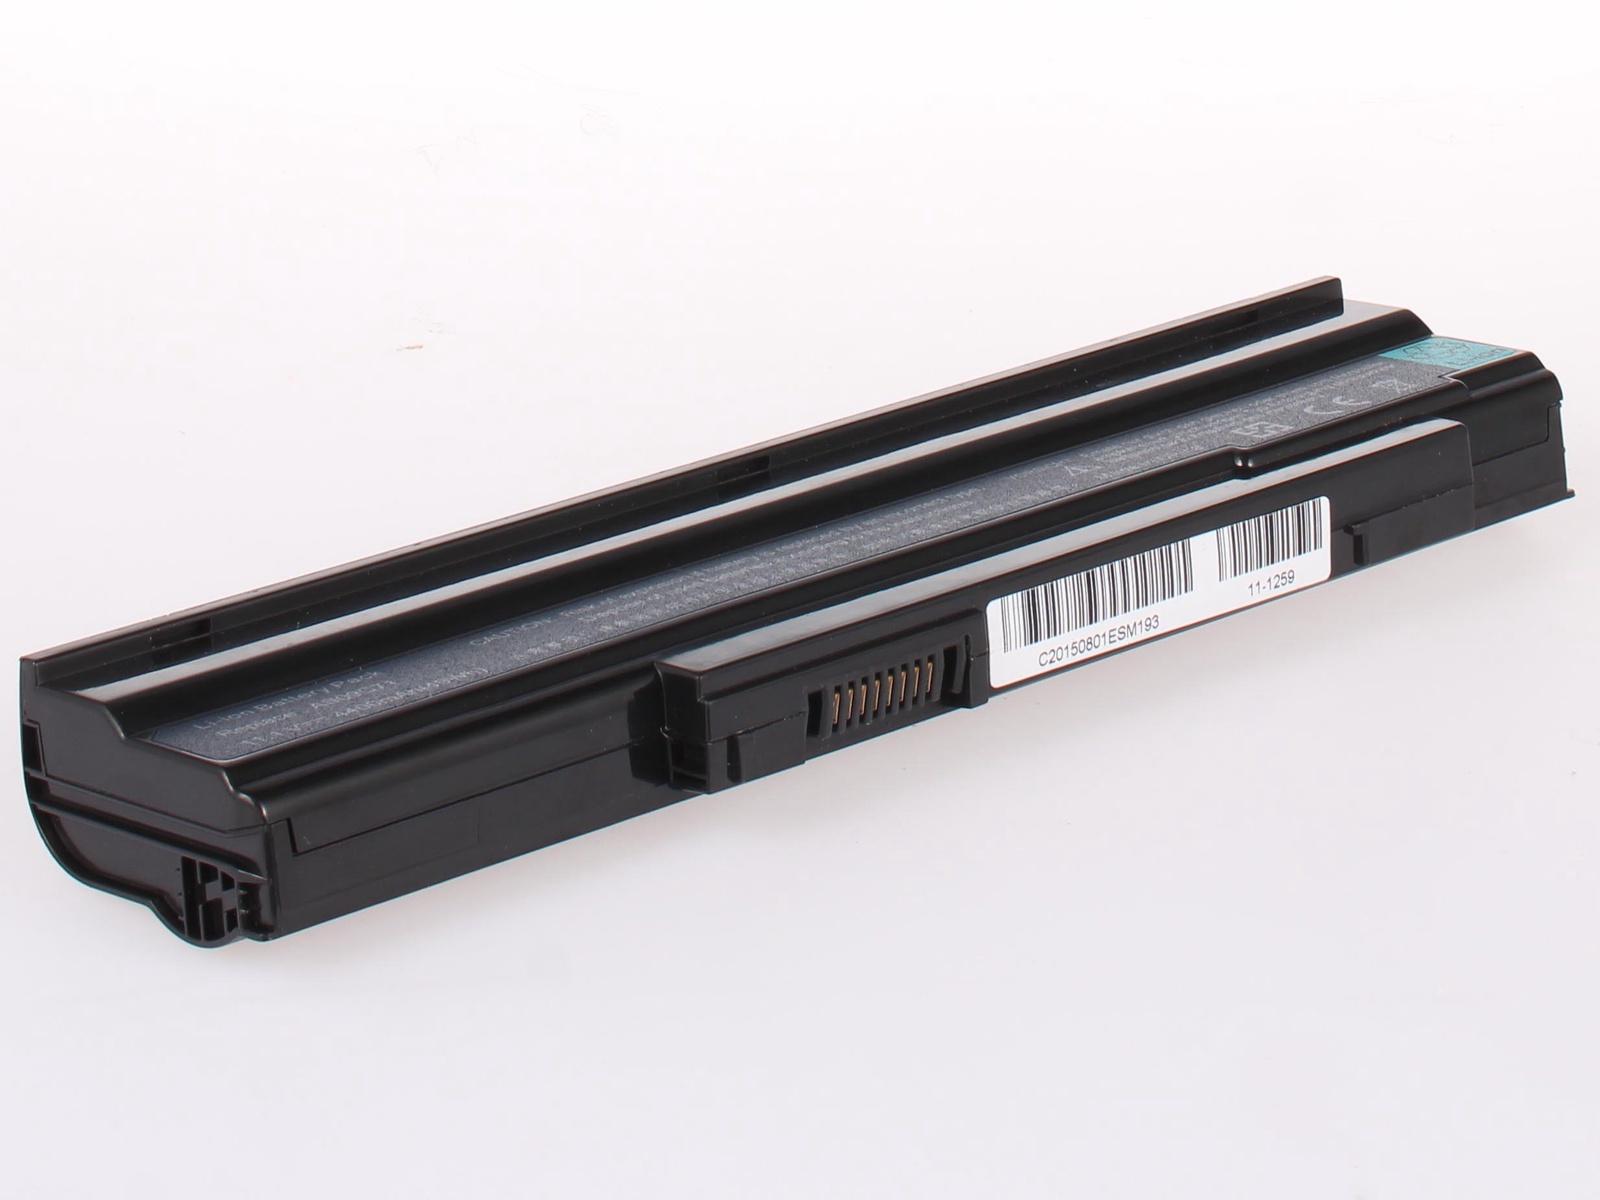 цена на Аккумулятор для ноутбука AnyBatt для Acer Extensa 5635ZG-442G16Mi, Extensa 5235-902G16Mi, Extensa 5635G-652G16Mi, Extensa 5235-901G16Mi, eMachines E728-452G32Mnkk, Extensa 5635Z-432G16Mi, Extensa 5635Z-442G25MN